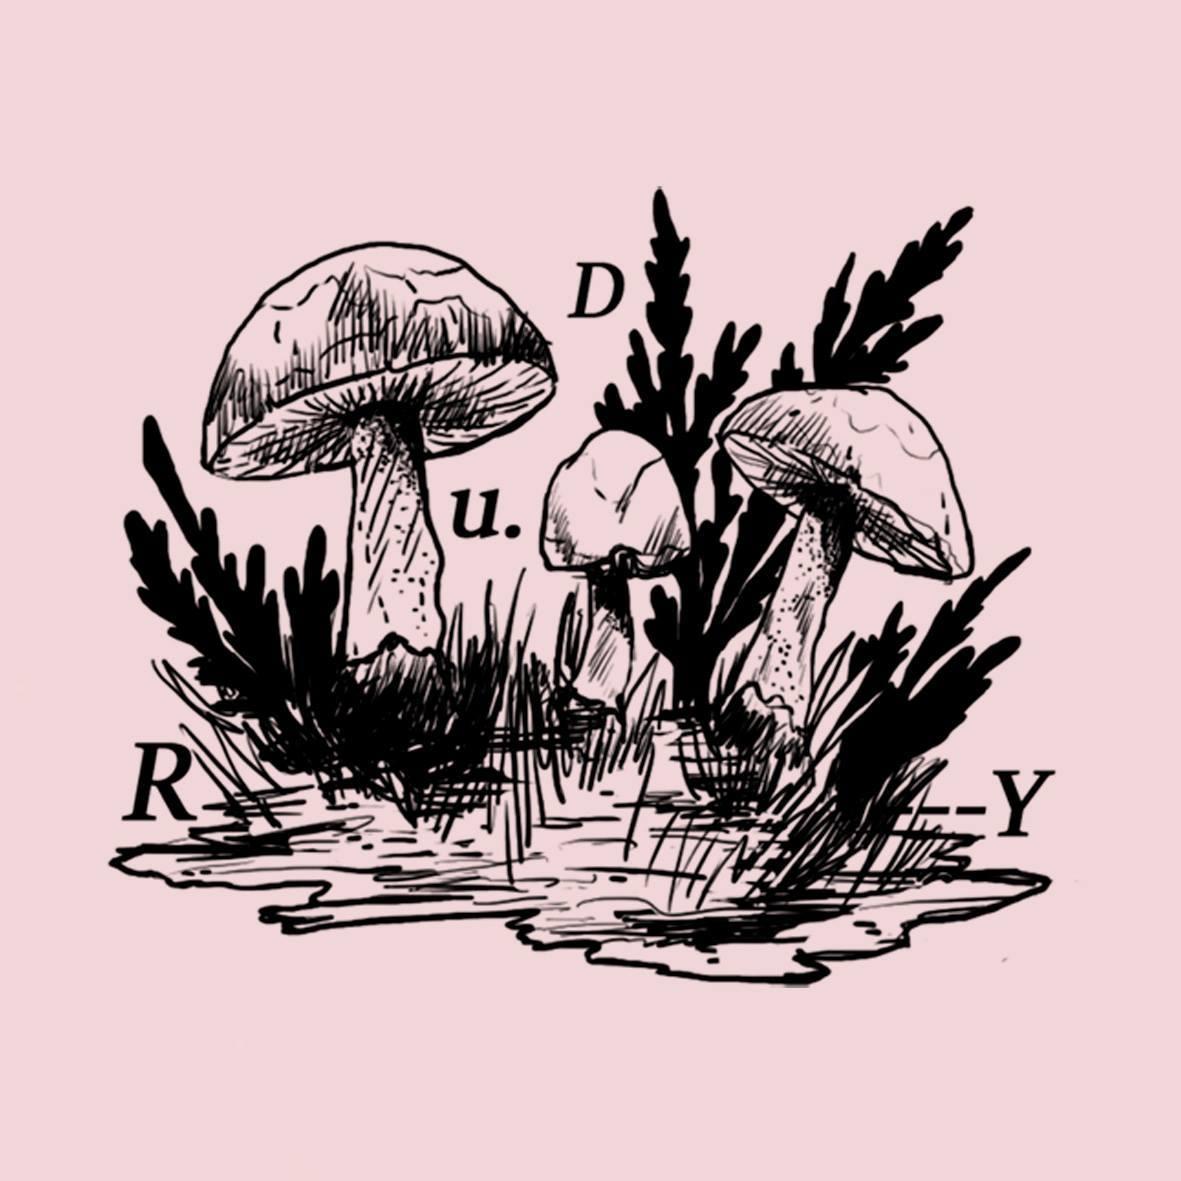 Composiciones lúdicas: RUDY presenta «El Reino»